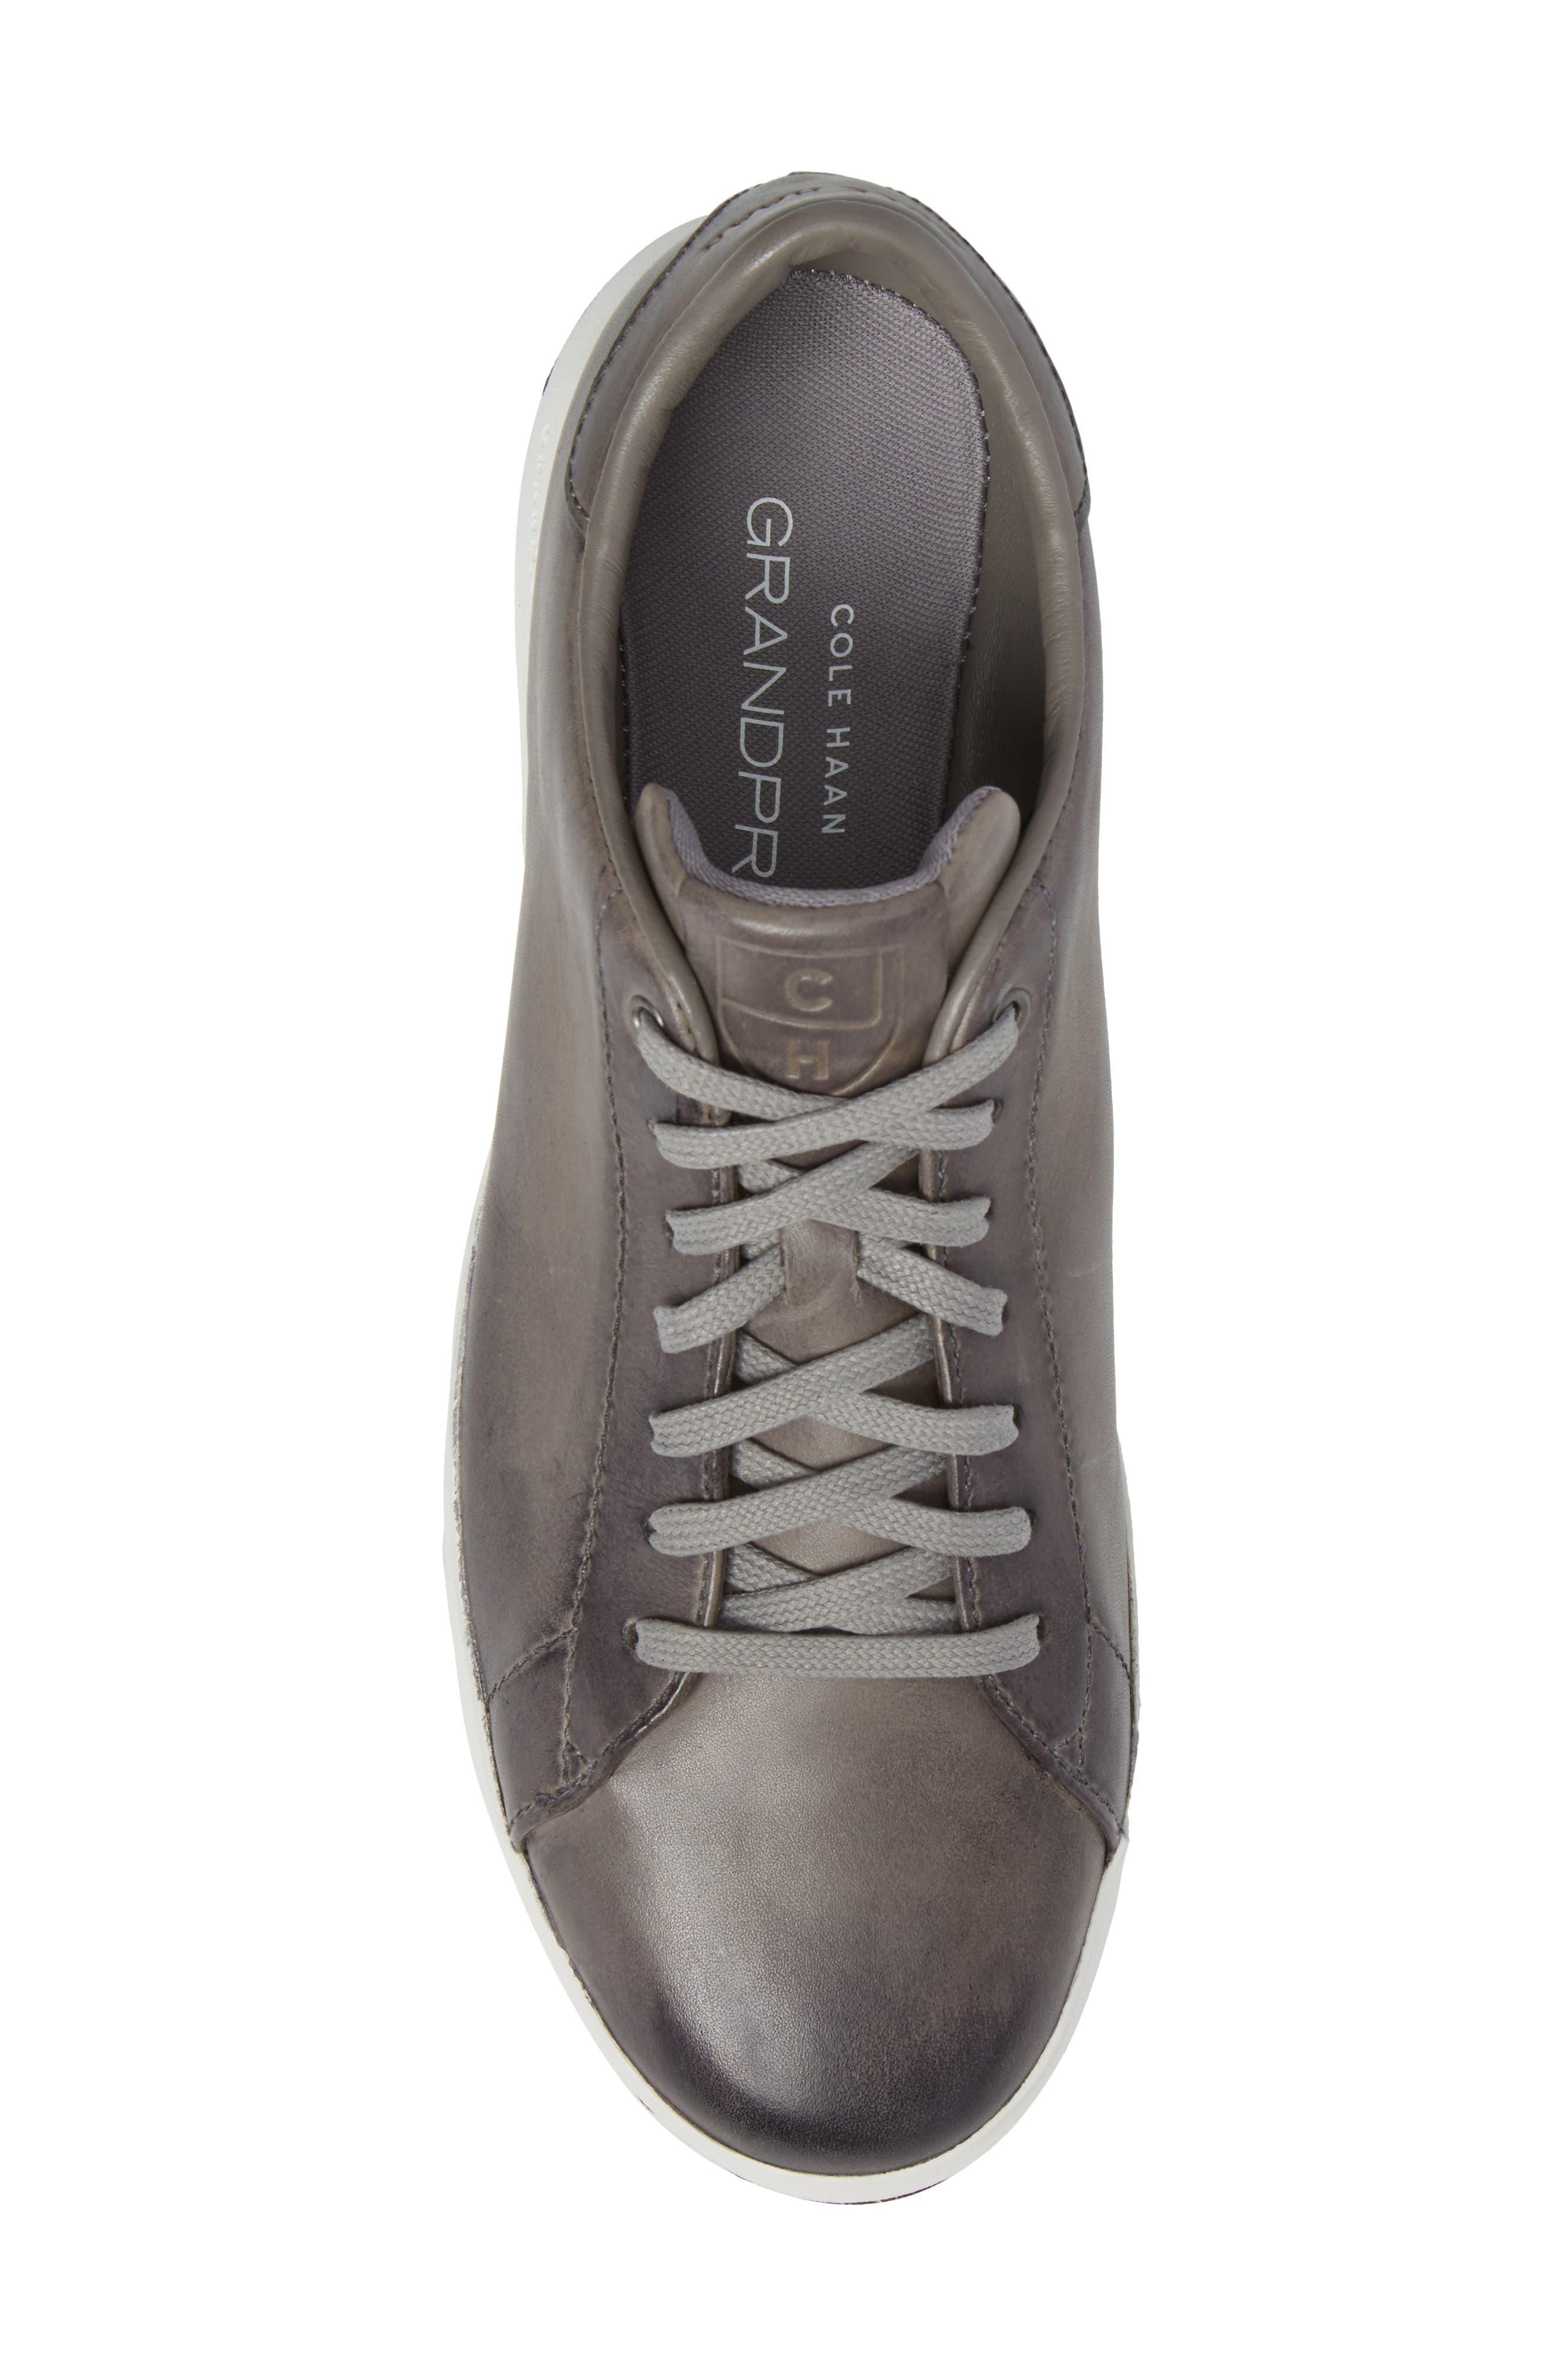 GrandPro Tennis Sneaker,                             Alternate thumbnail 5, color,                             IRONSTONE GRAY HANDSTAIN